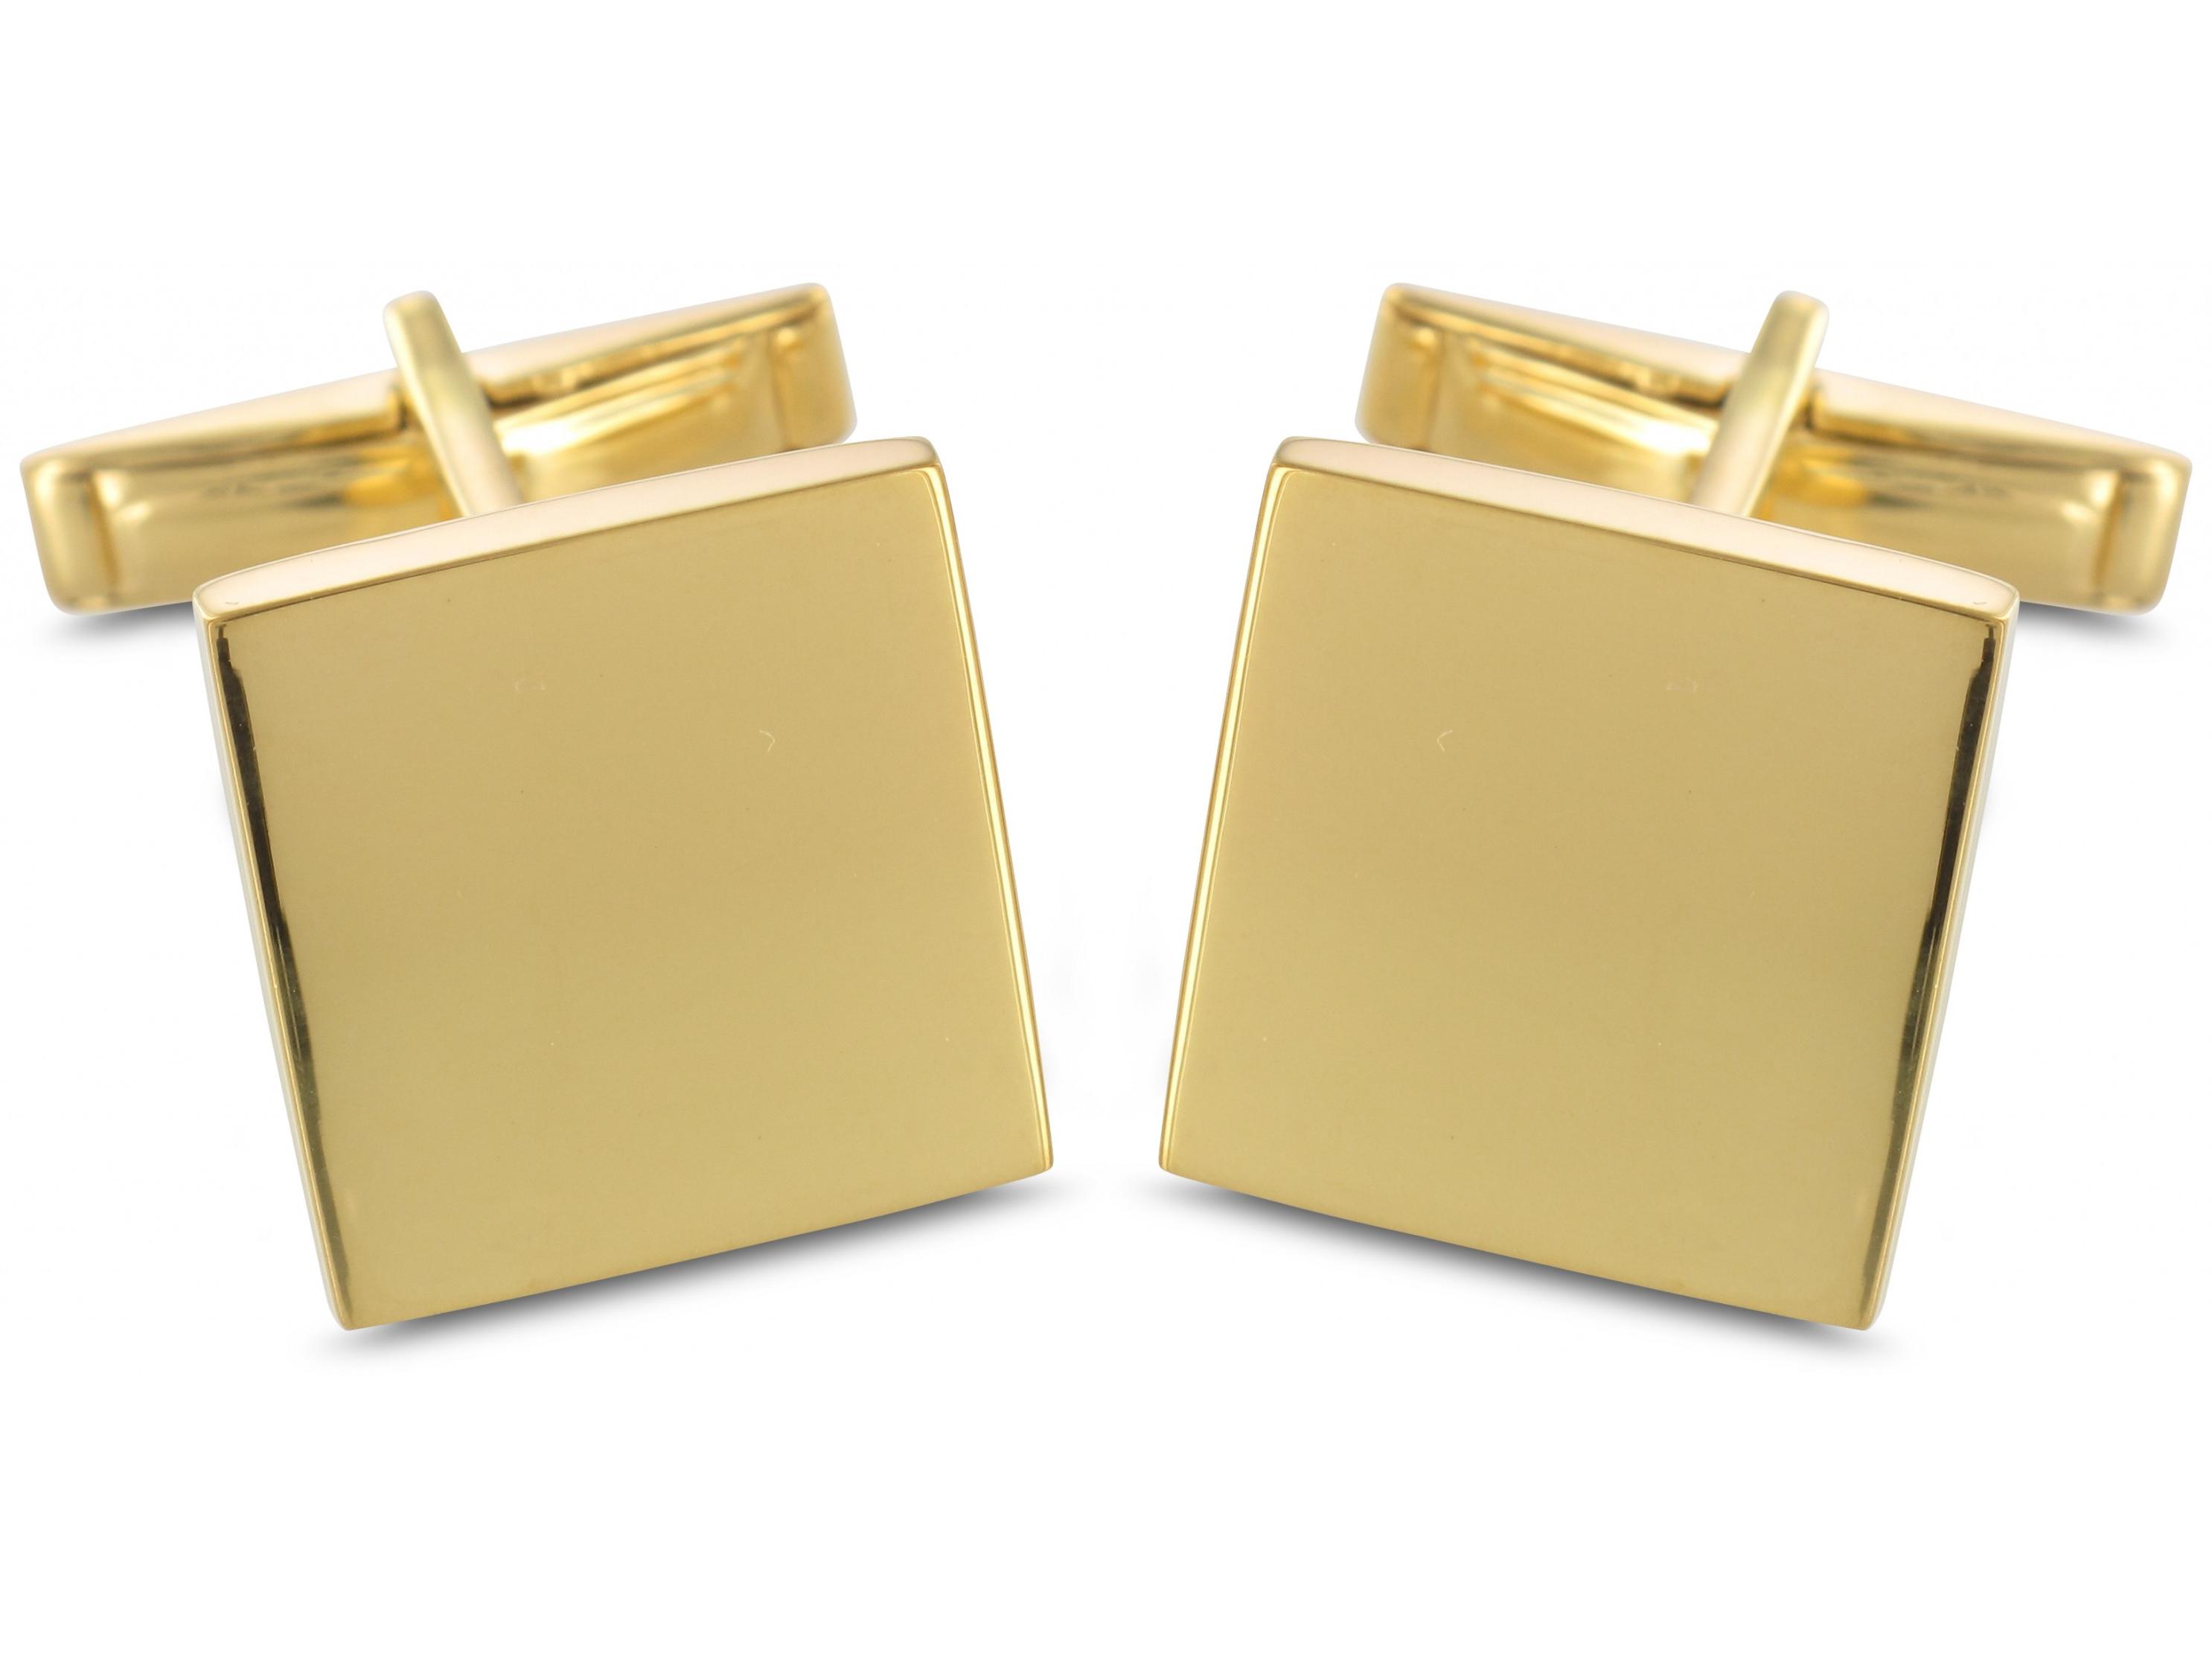 BROOKER Manschettenknöpfe Silber 24 Karat vergoldet